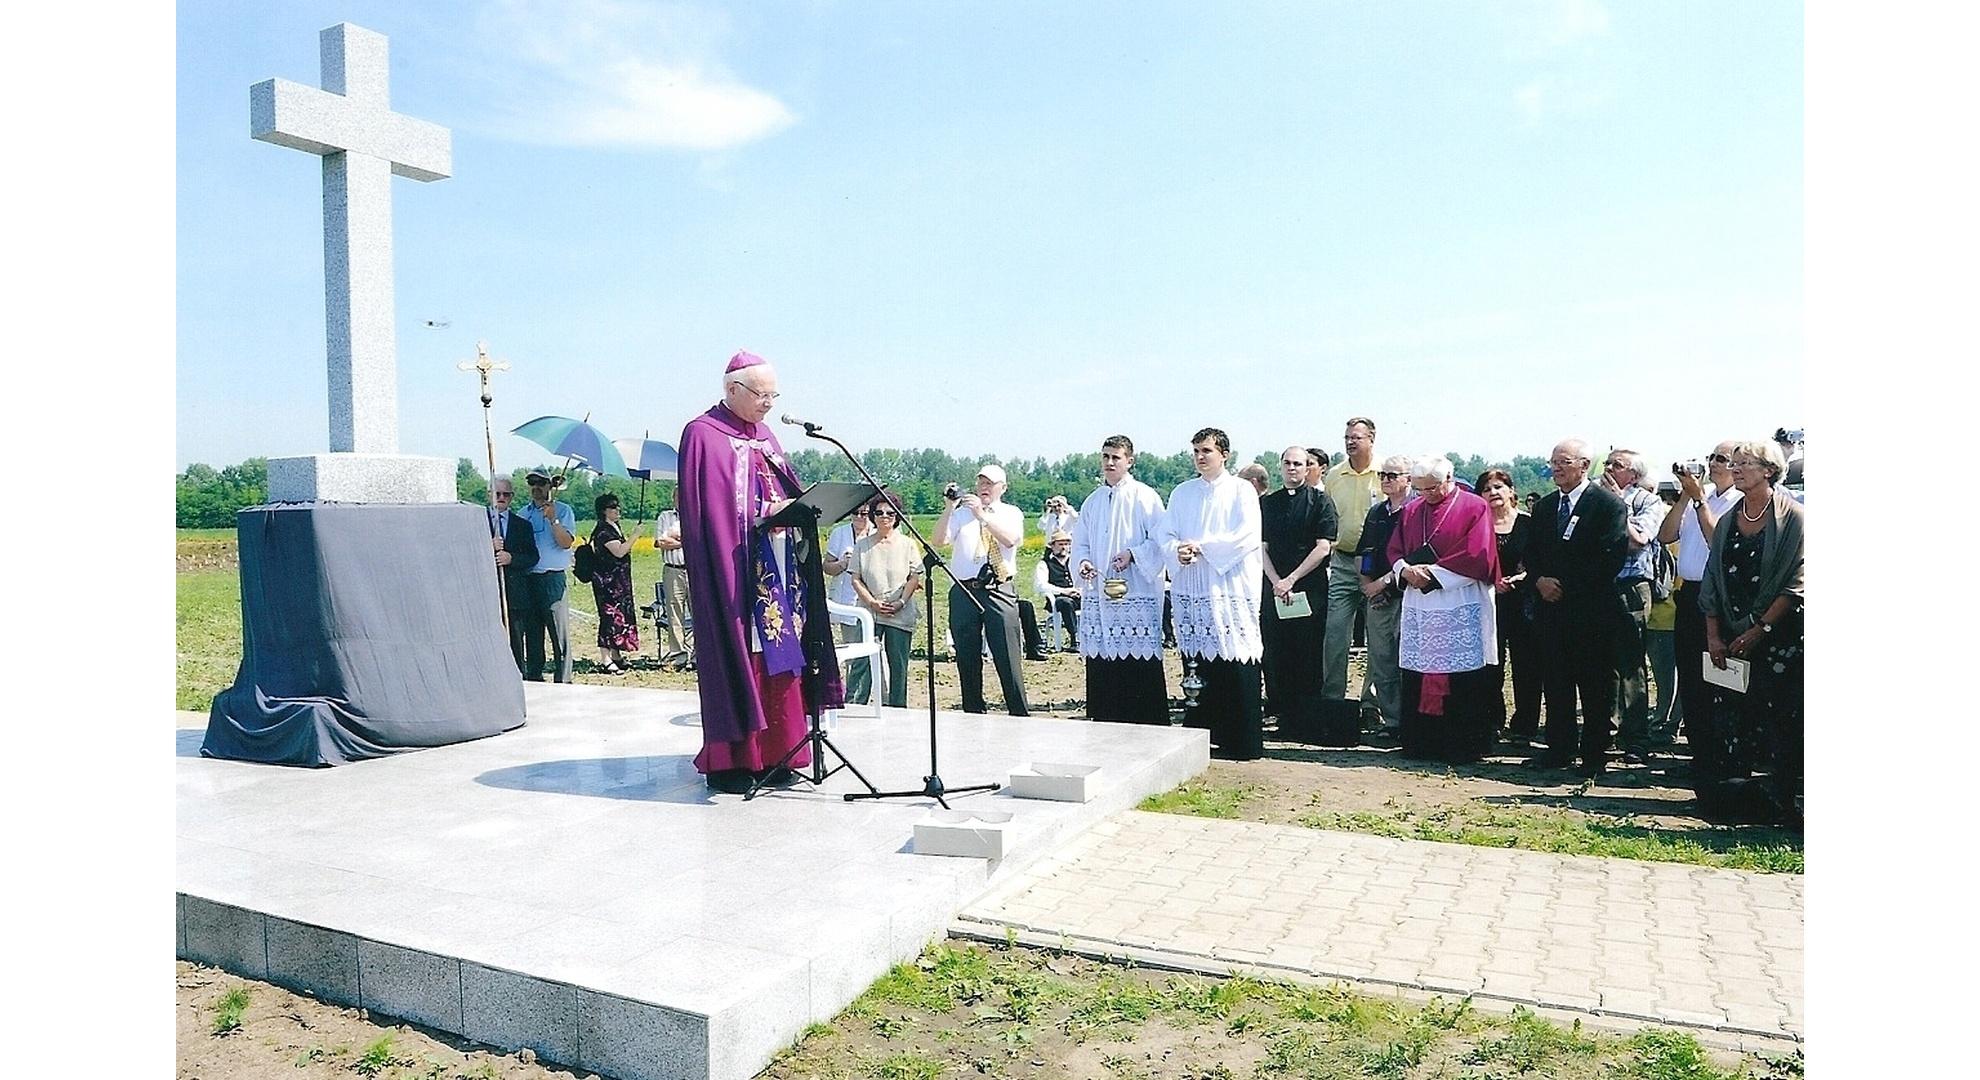 Erzbischof Dr. Robert Zollitsch aus Freiburg, bei der Eröffnung der Weihefeier. Foto: Archiv Freundeskreis Filipowa